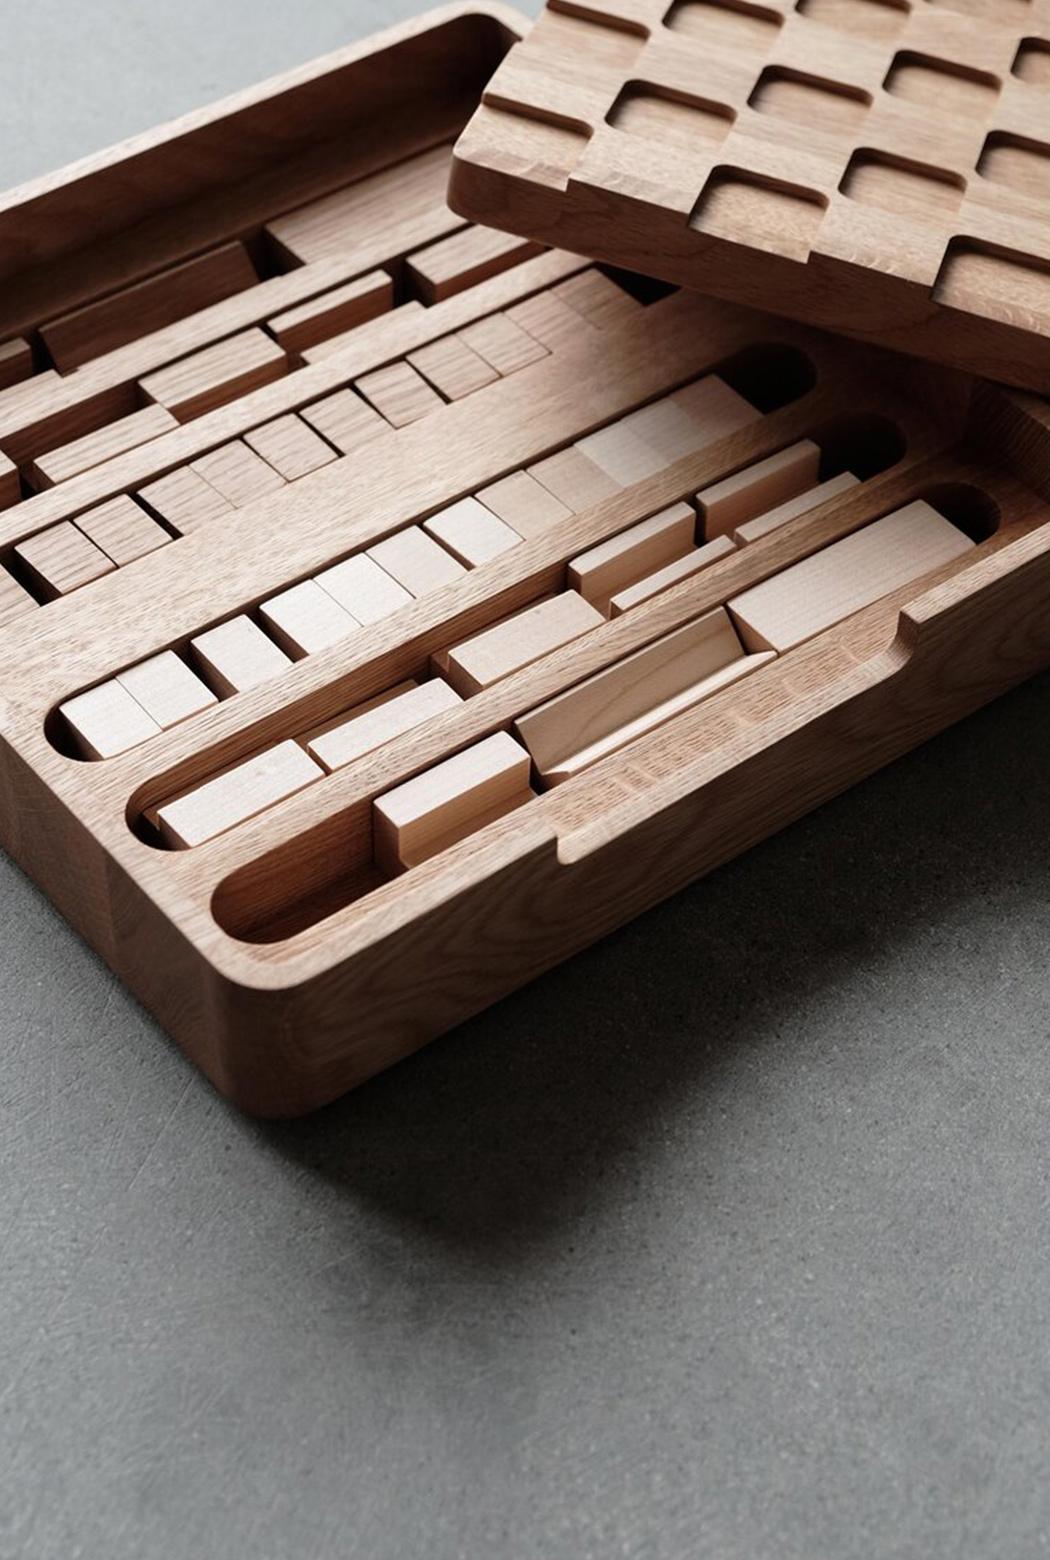 Этот минималистичный набор «Шахматы + шашки» станет центральным элементом вашей коллекции настольных игр